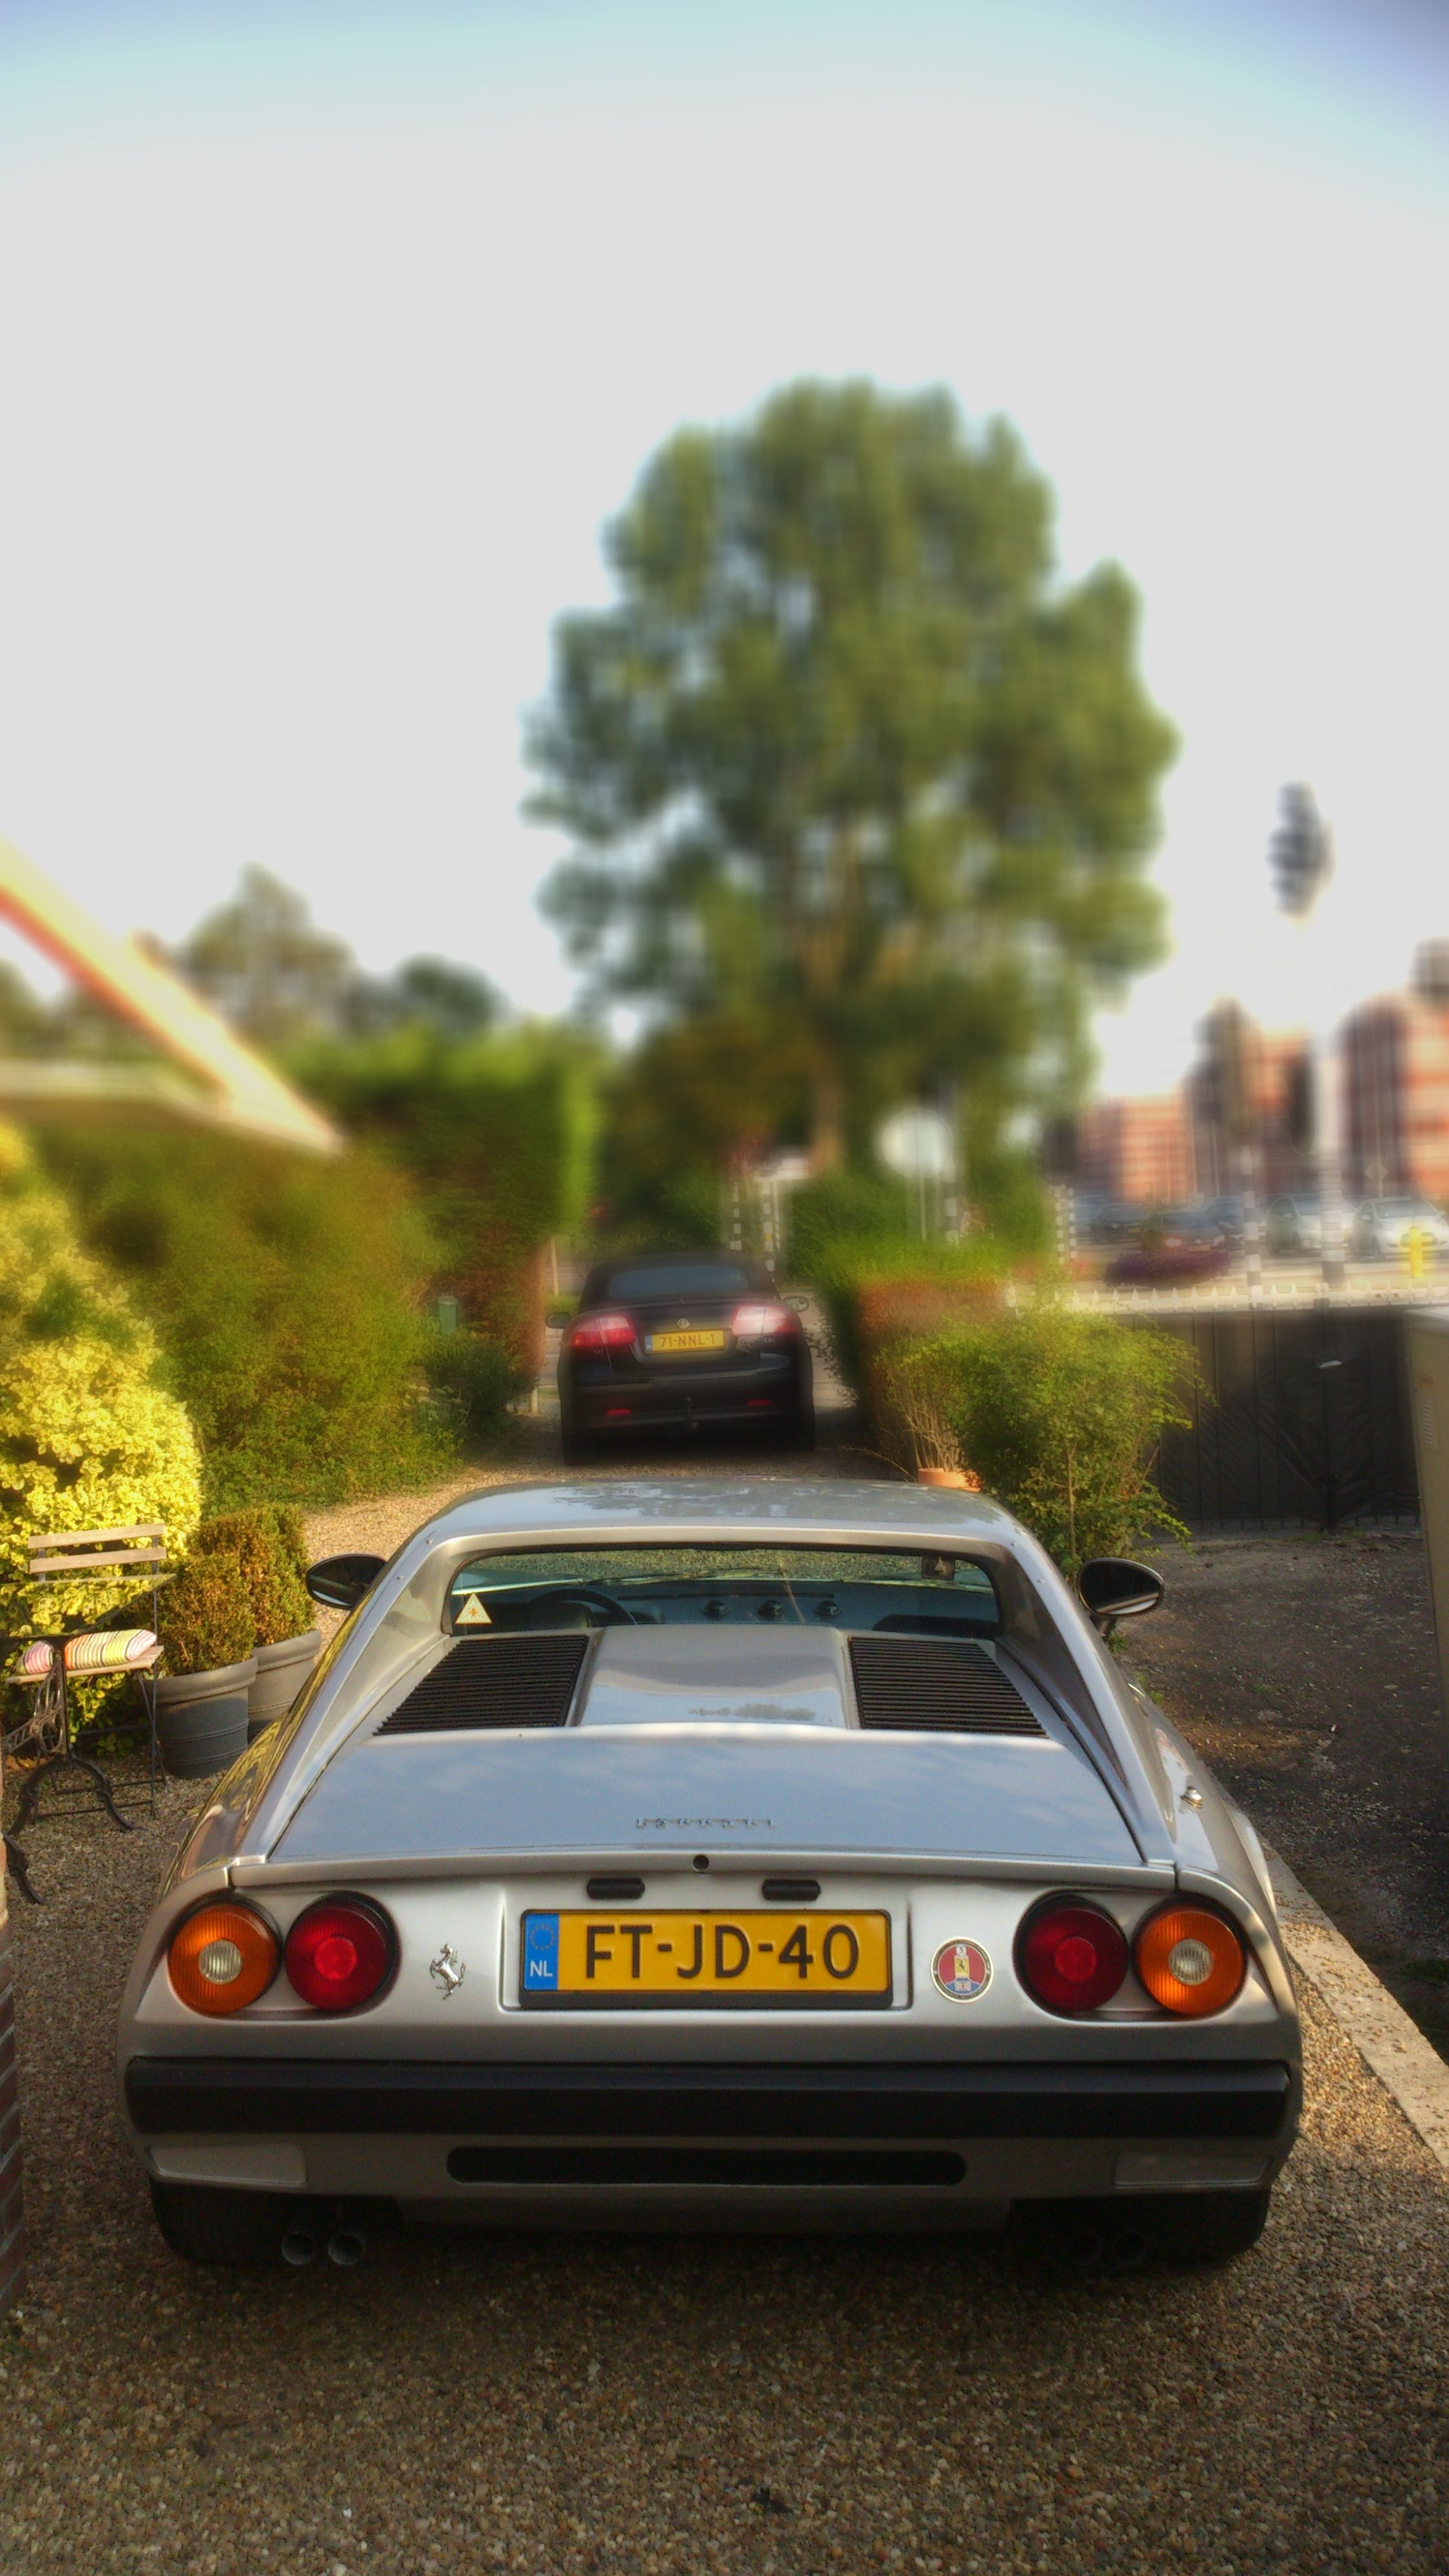 Pontiac Fiero Ferrari 308 Replica Fieros Pinterest Kes